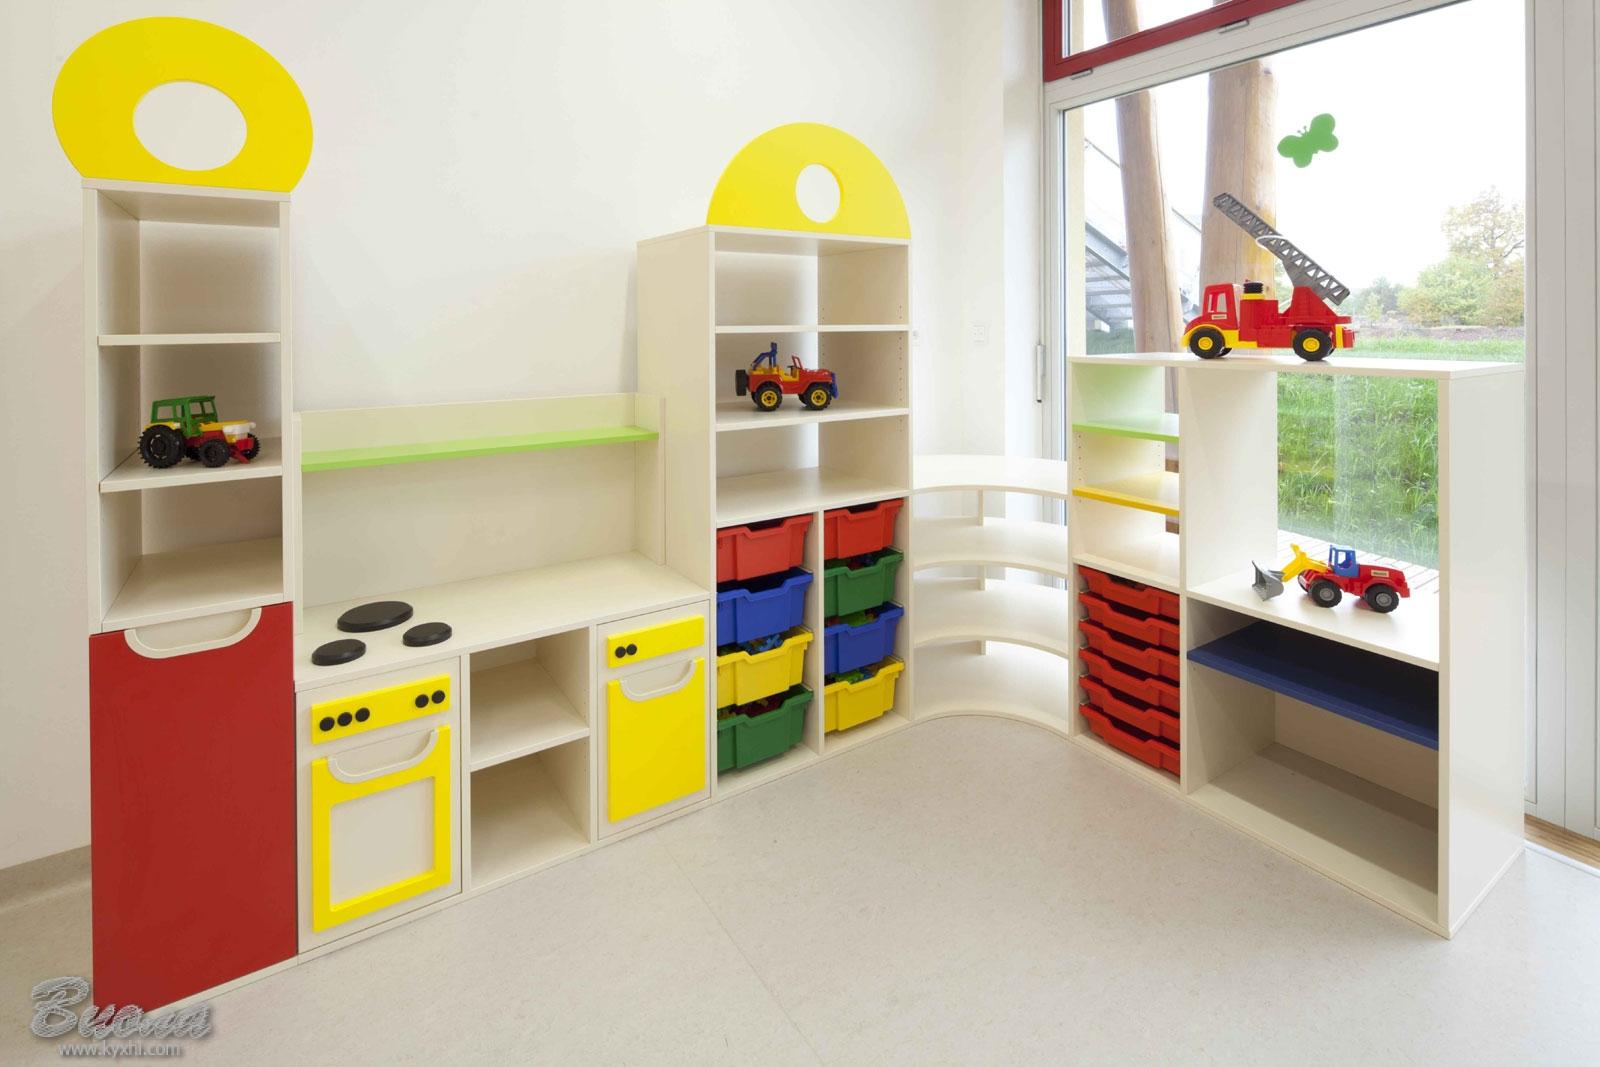 Купить мебель для детского сада по низкой цене в москве.